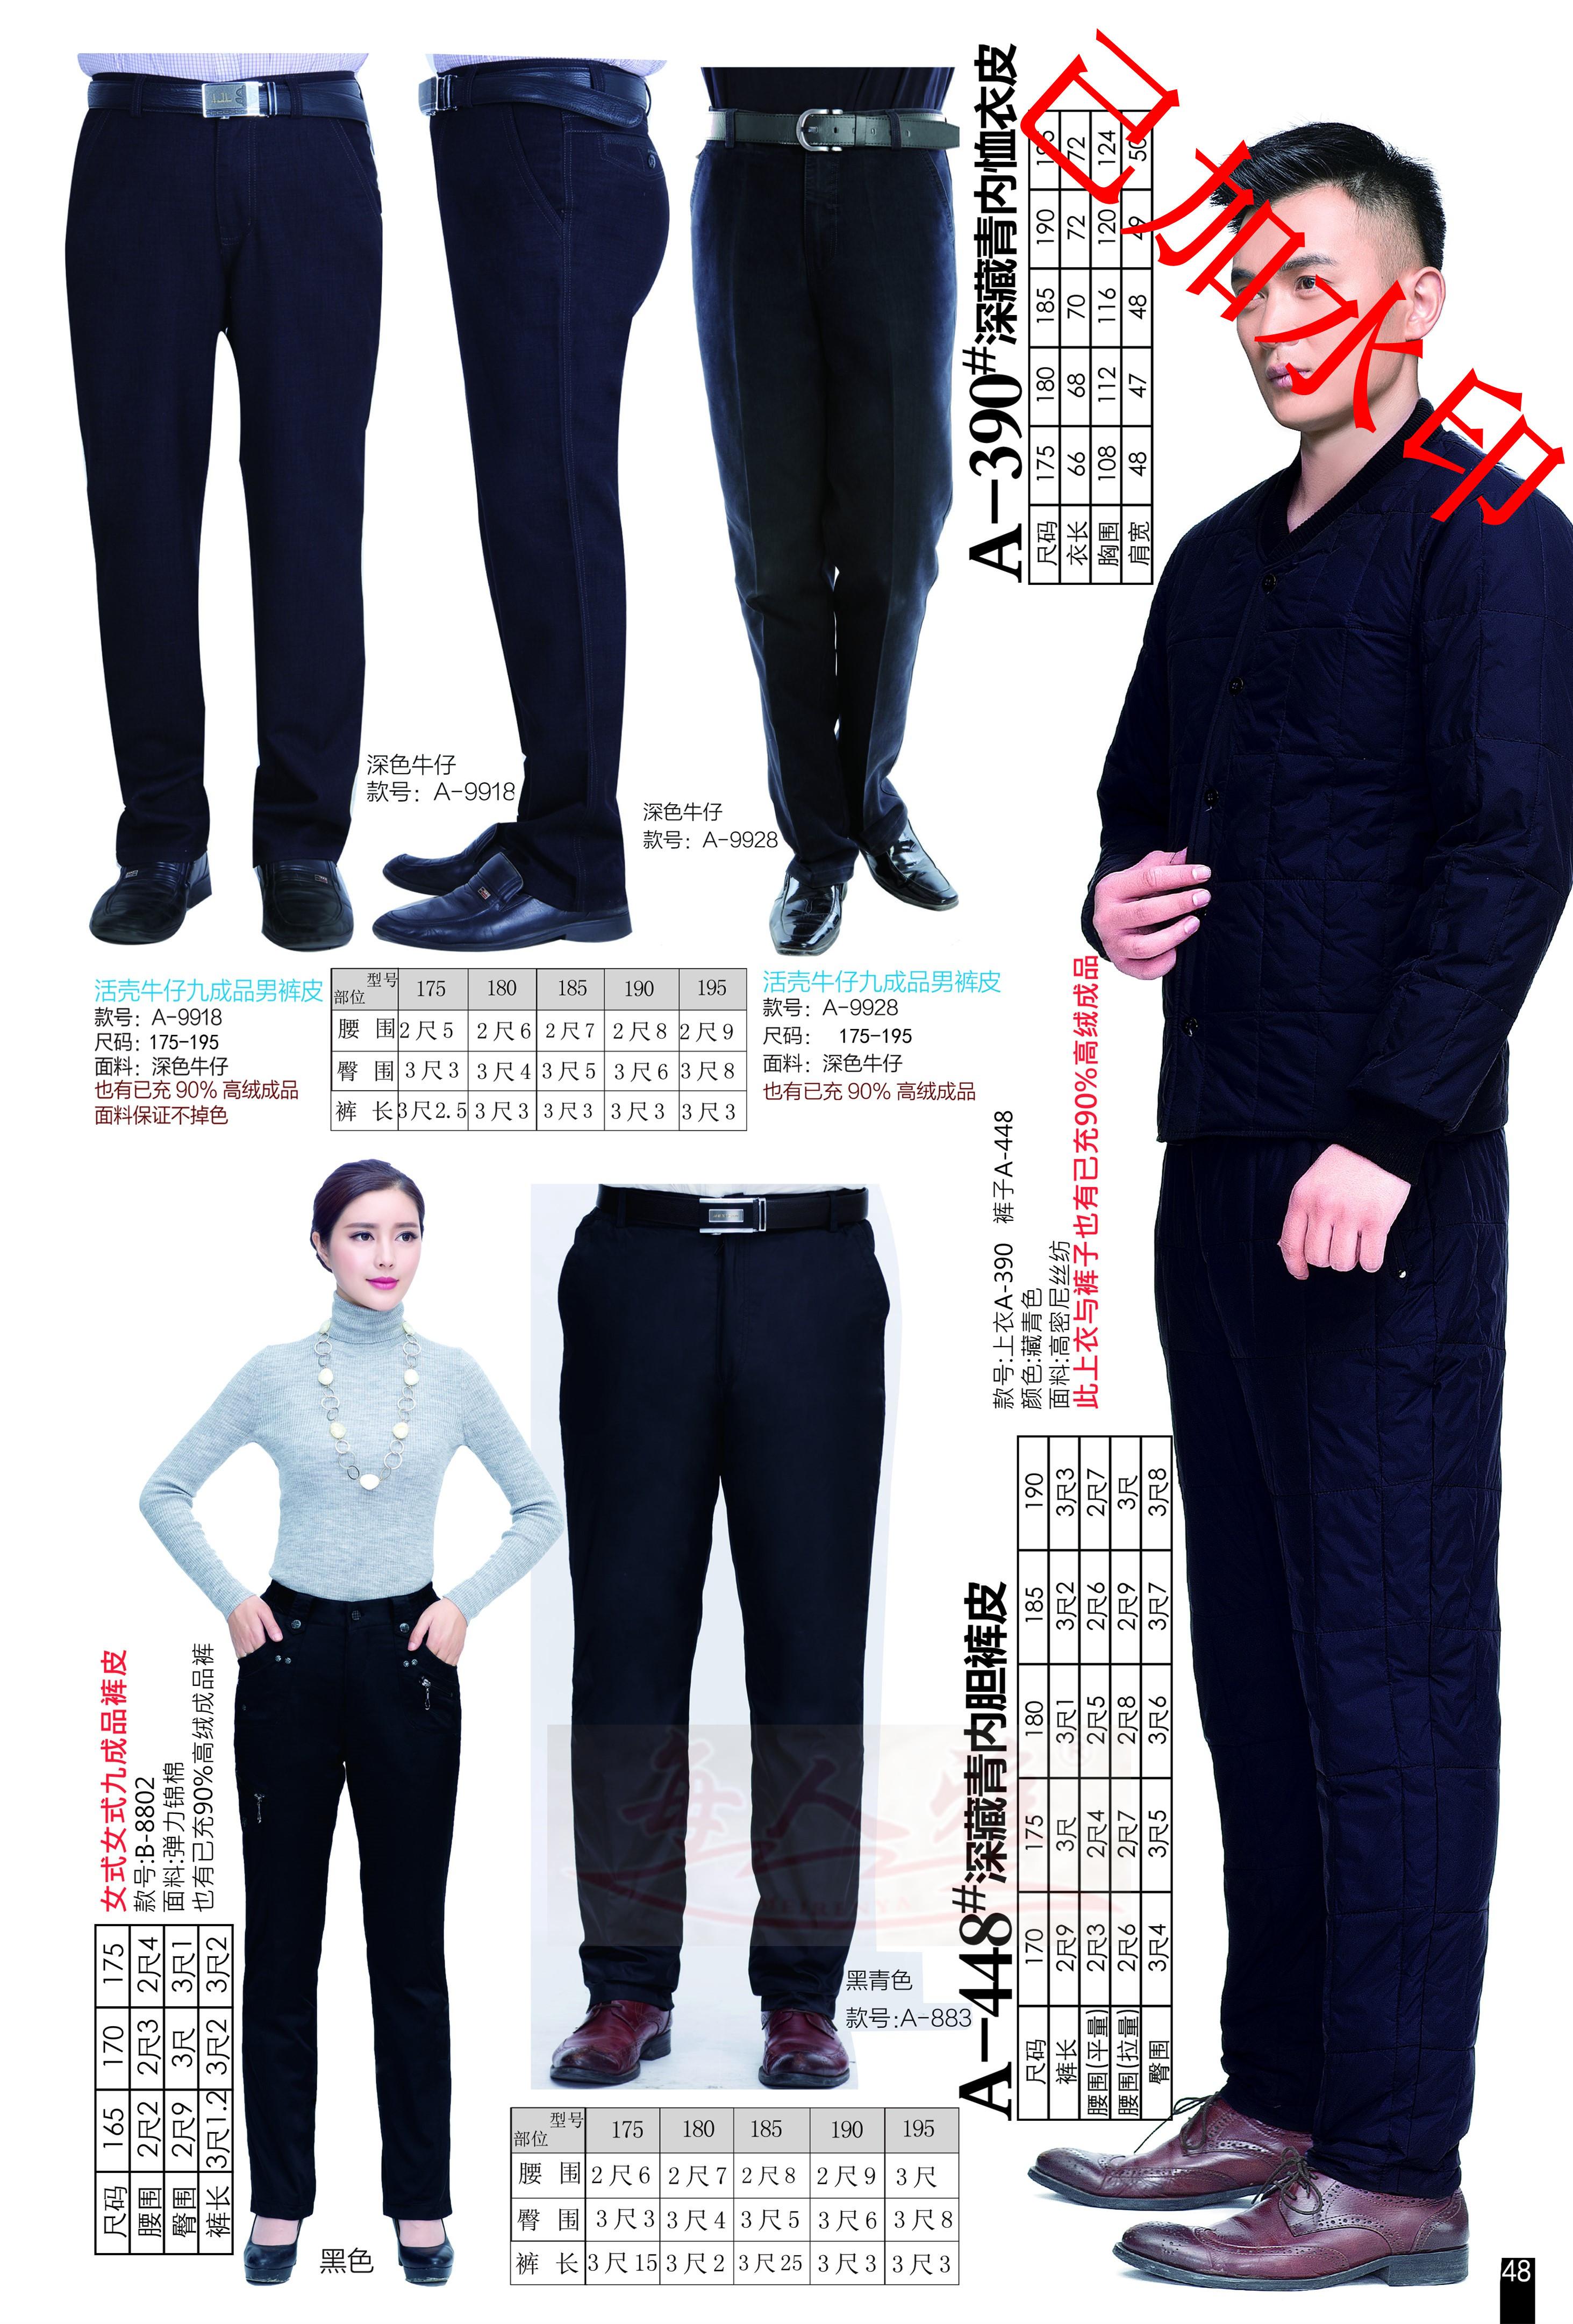 2017 mỗi người thanh lịch xuống áo khoác chín thành đàn ông sống vỏ jeans da 9918 chín hoàn thành của nam giới sống vỏ